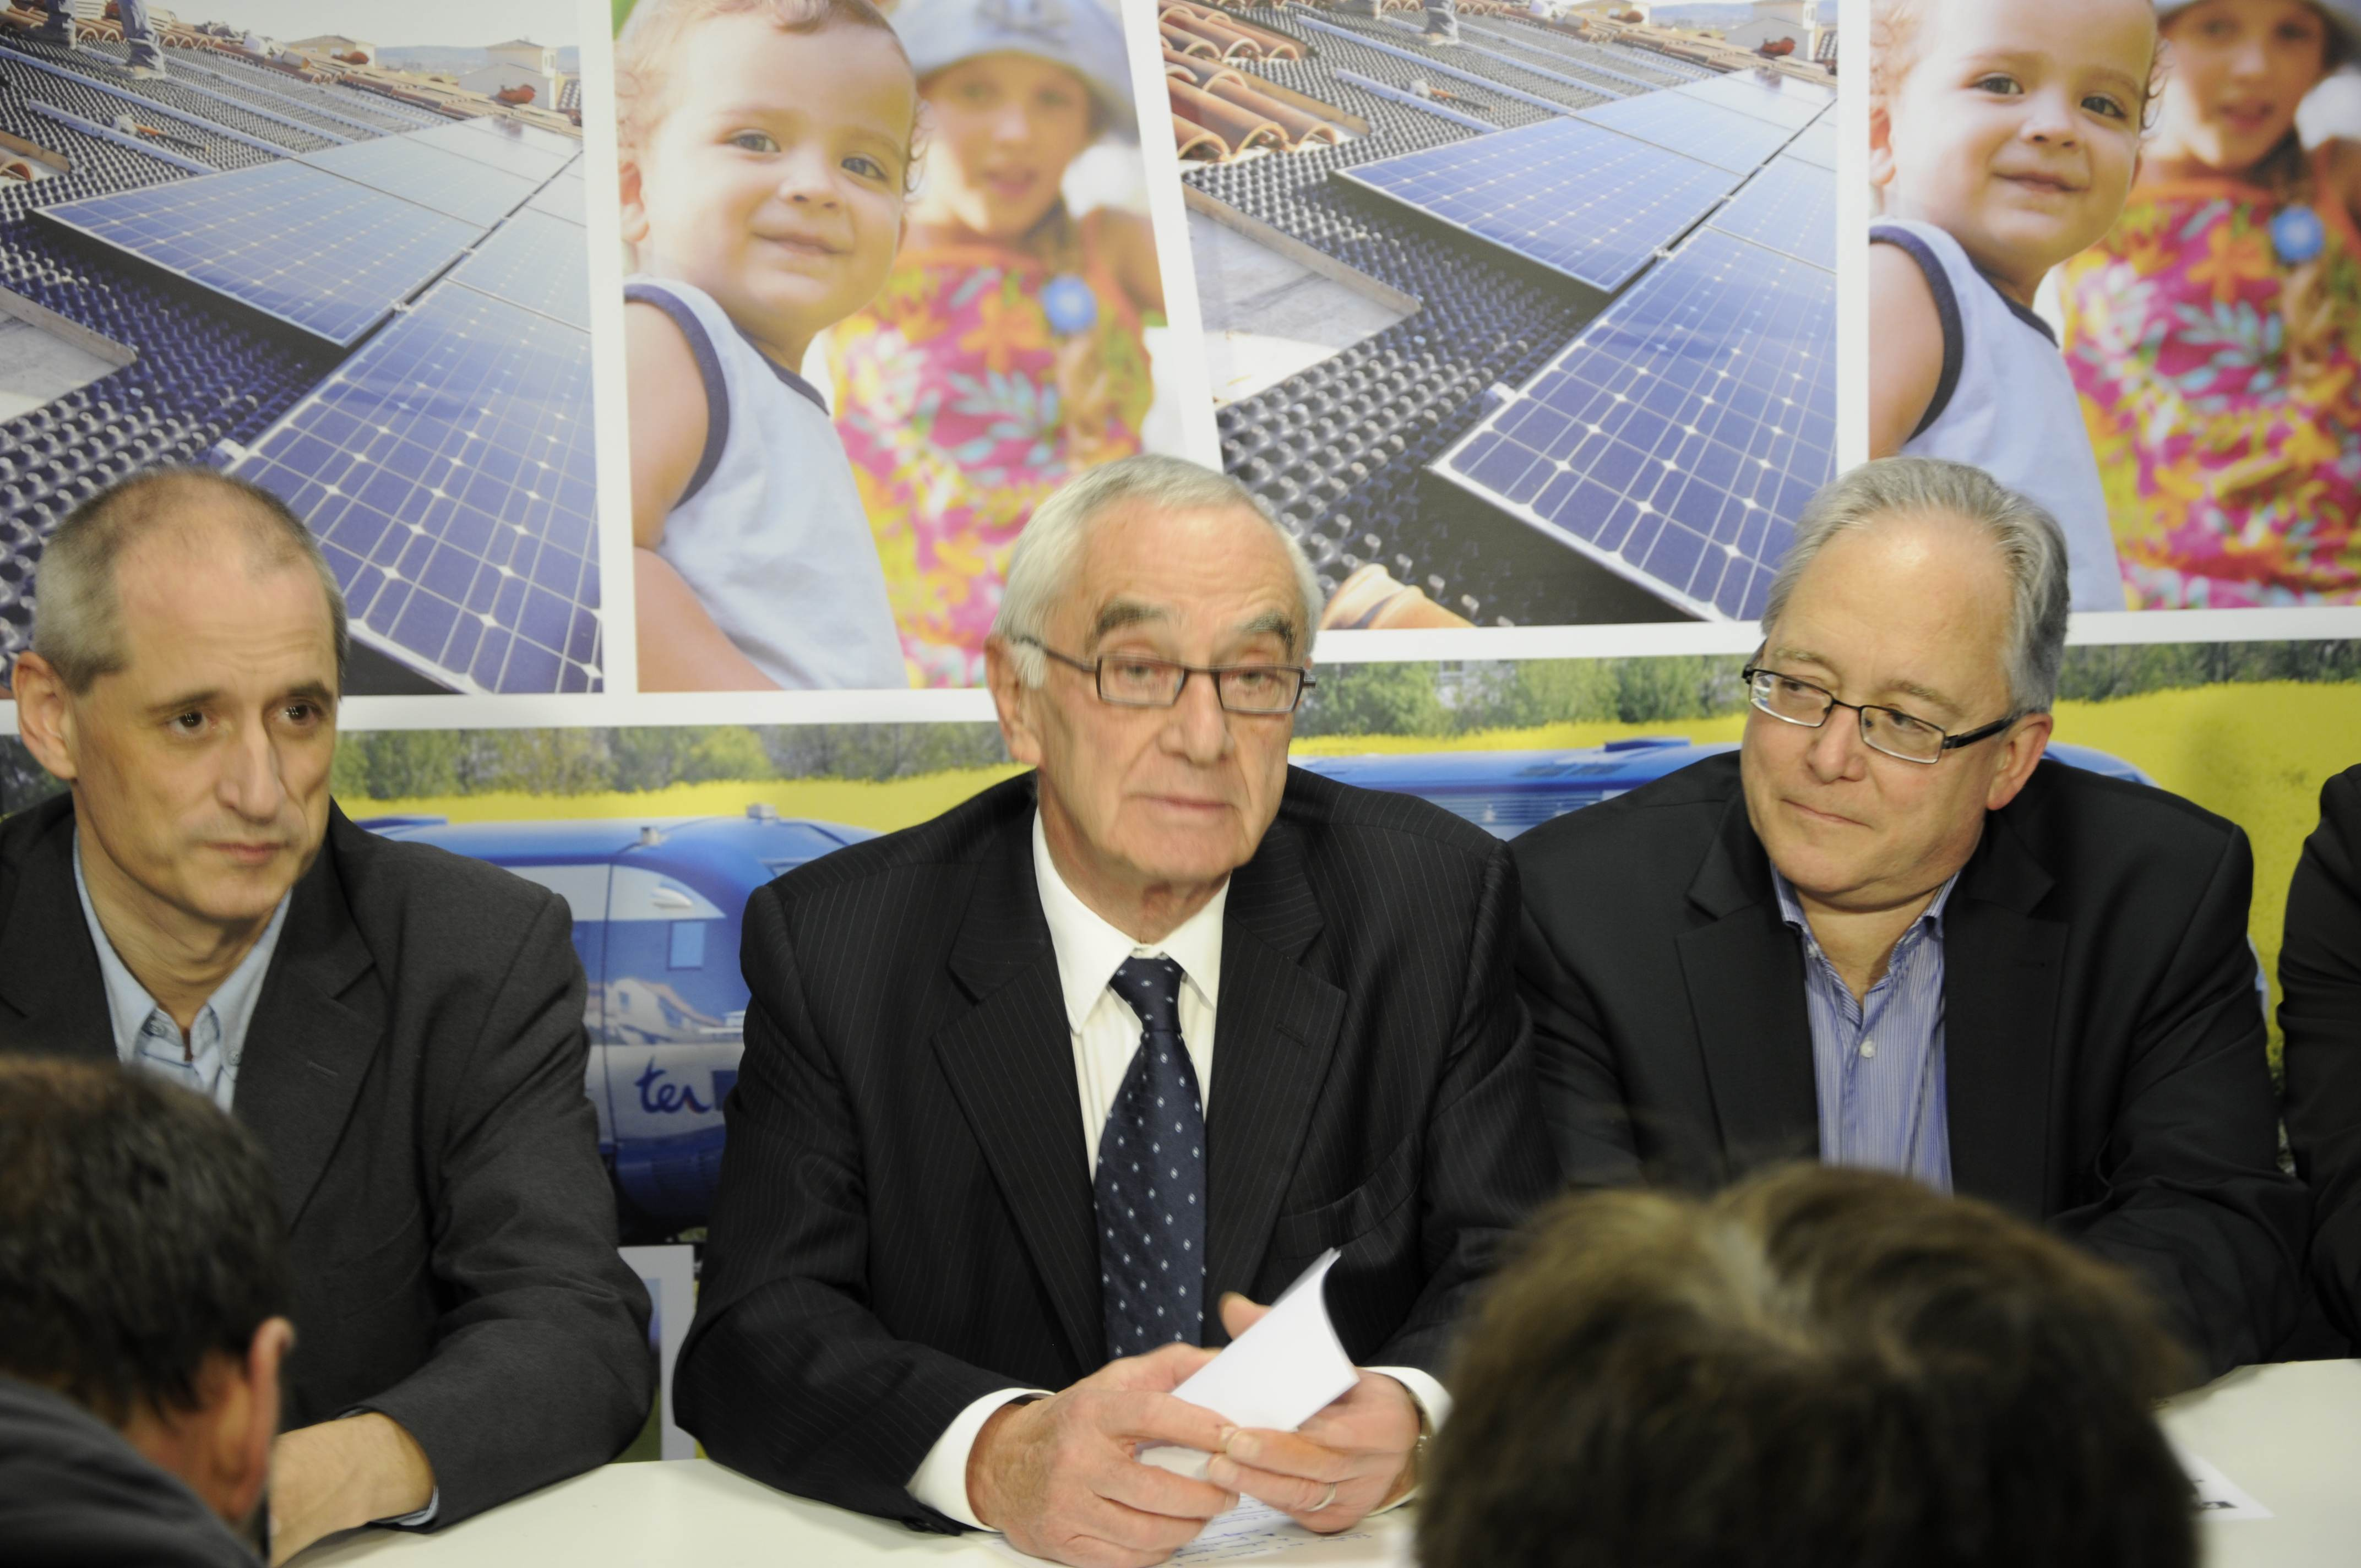 Gérard Onesta, Martin Malvy et Christian Picquet annoncent leur alliance pour le second tour des élections régionales 2010. Photo Marc Pédeau